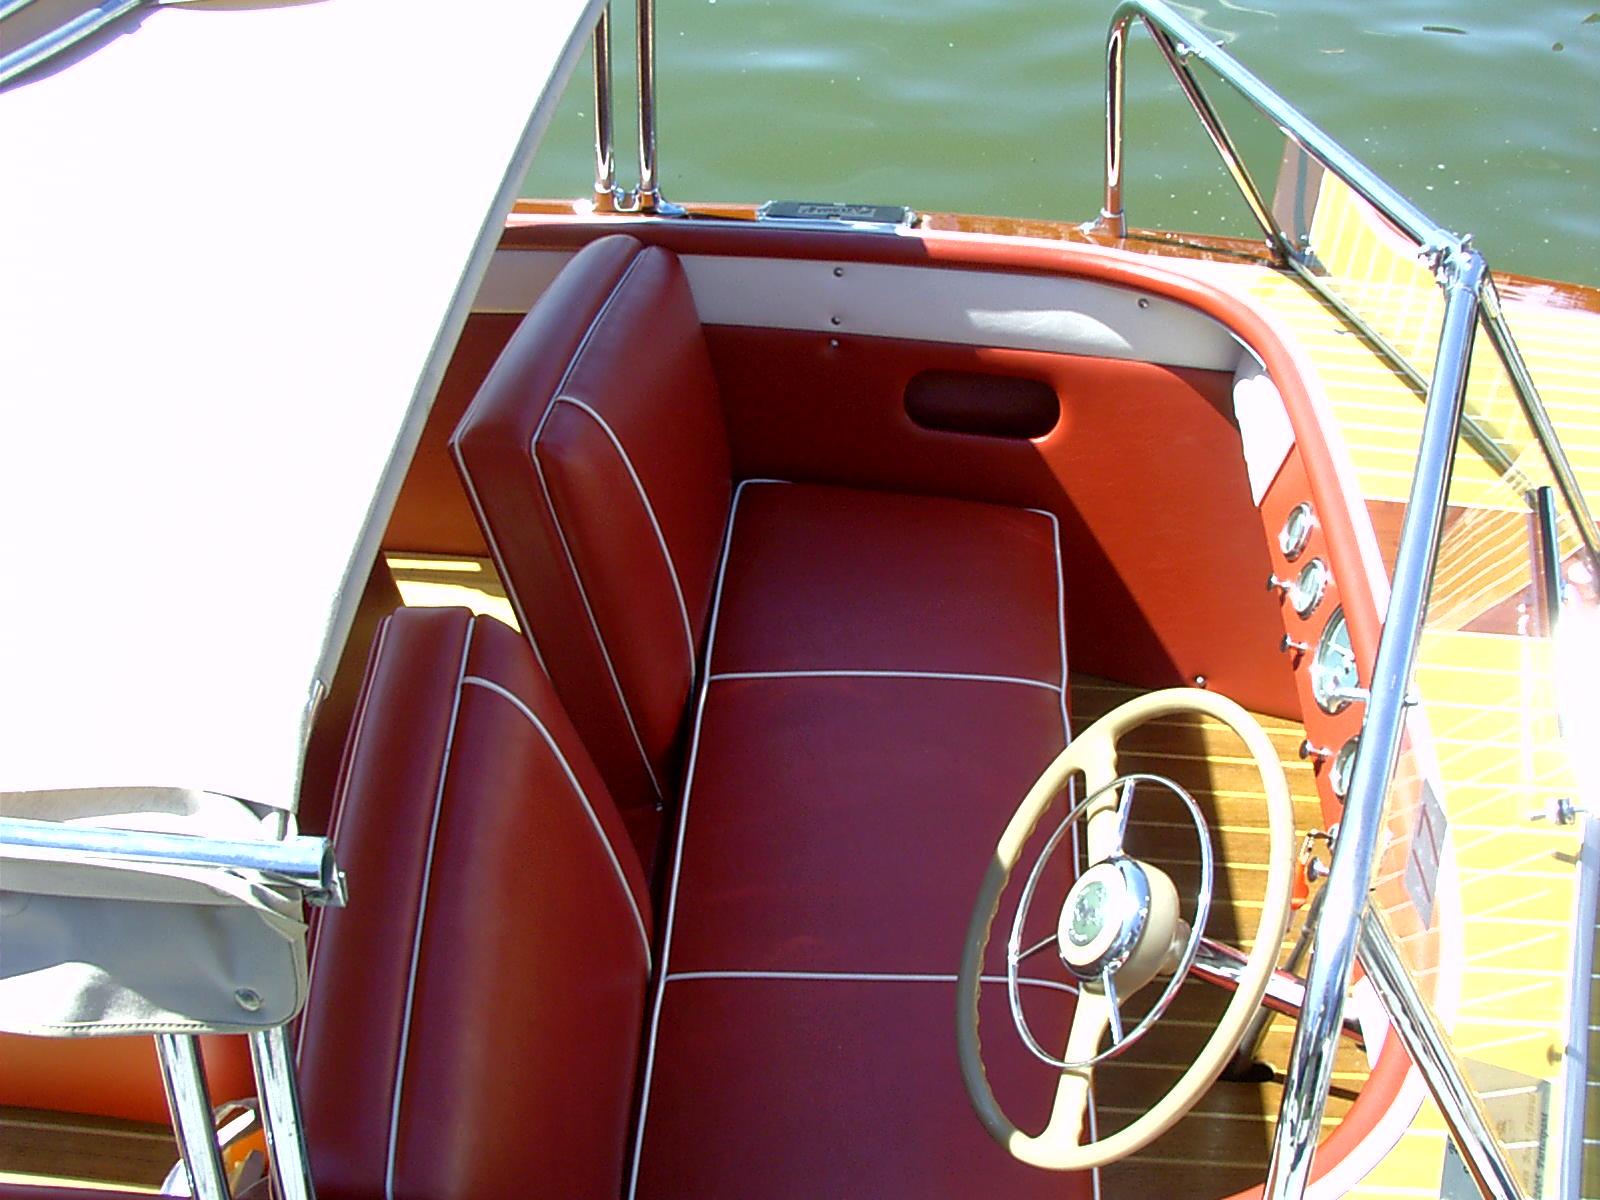 Darauf sitzt man gerne: Überholte Polsterung auf einem Klassiker. Foto: www.jacksupholstry.com